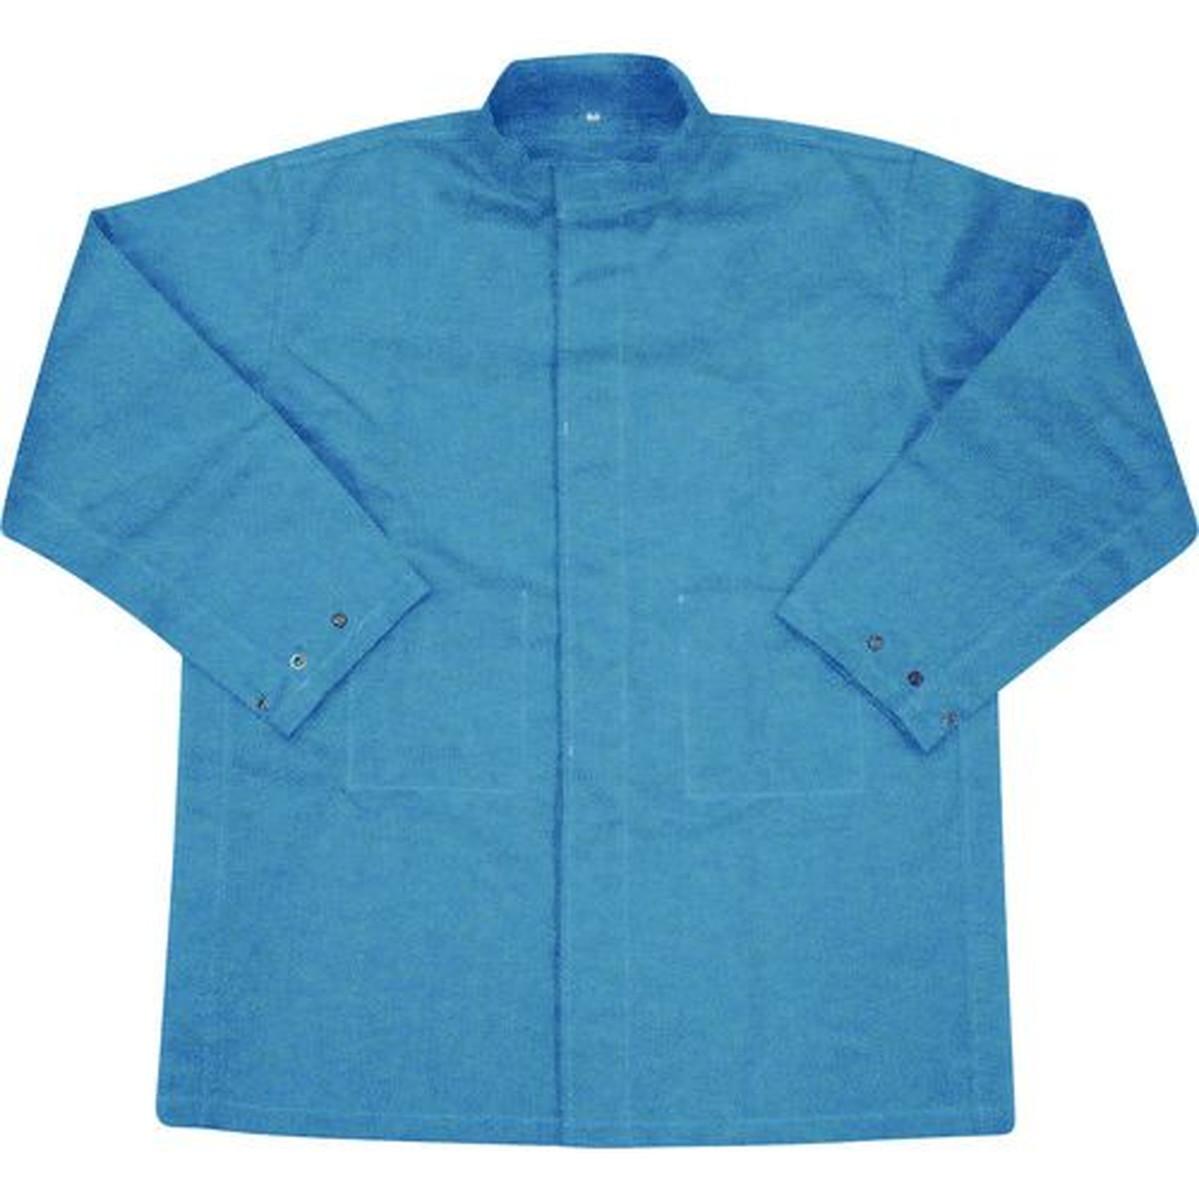 あす楽対応 DIY用品 直営限定アウトレット 吉野 ハイブリッド 耐熱 耐切創 作業服 ネイビーブルー 1着 上着 新生活